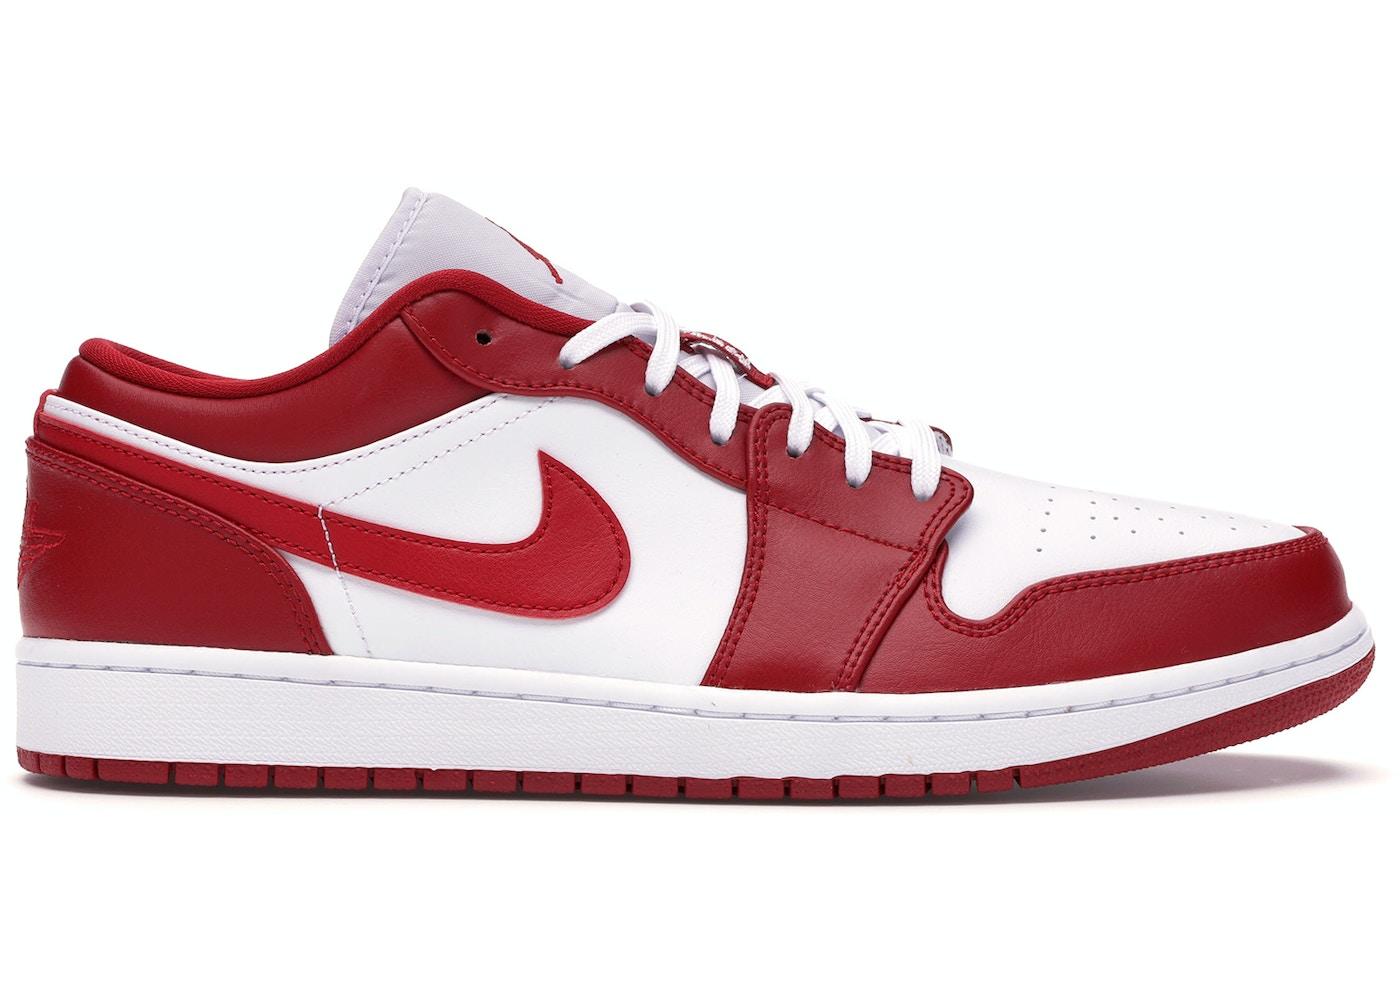 Jordan 1 Low Gym Red White 553558 611